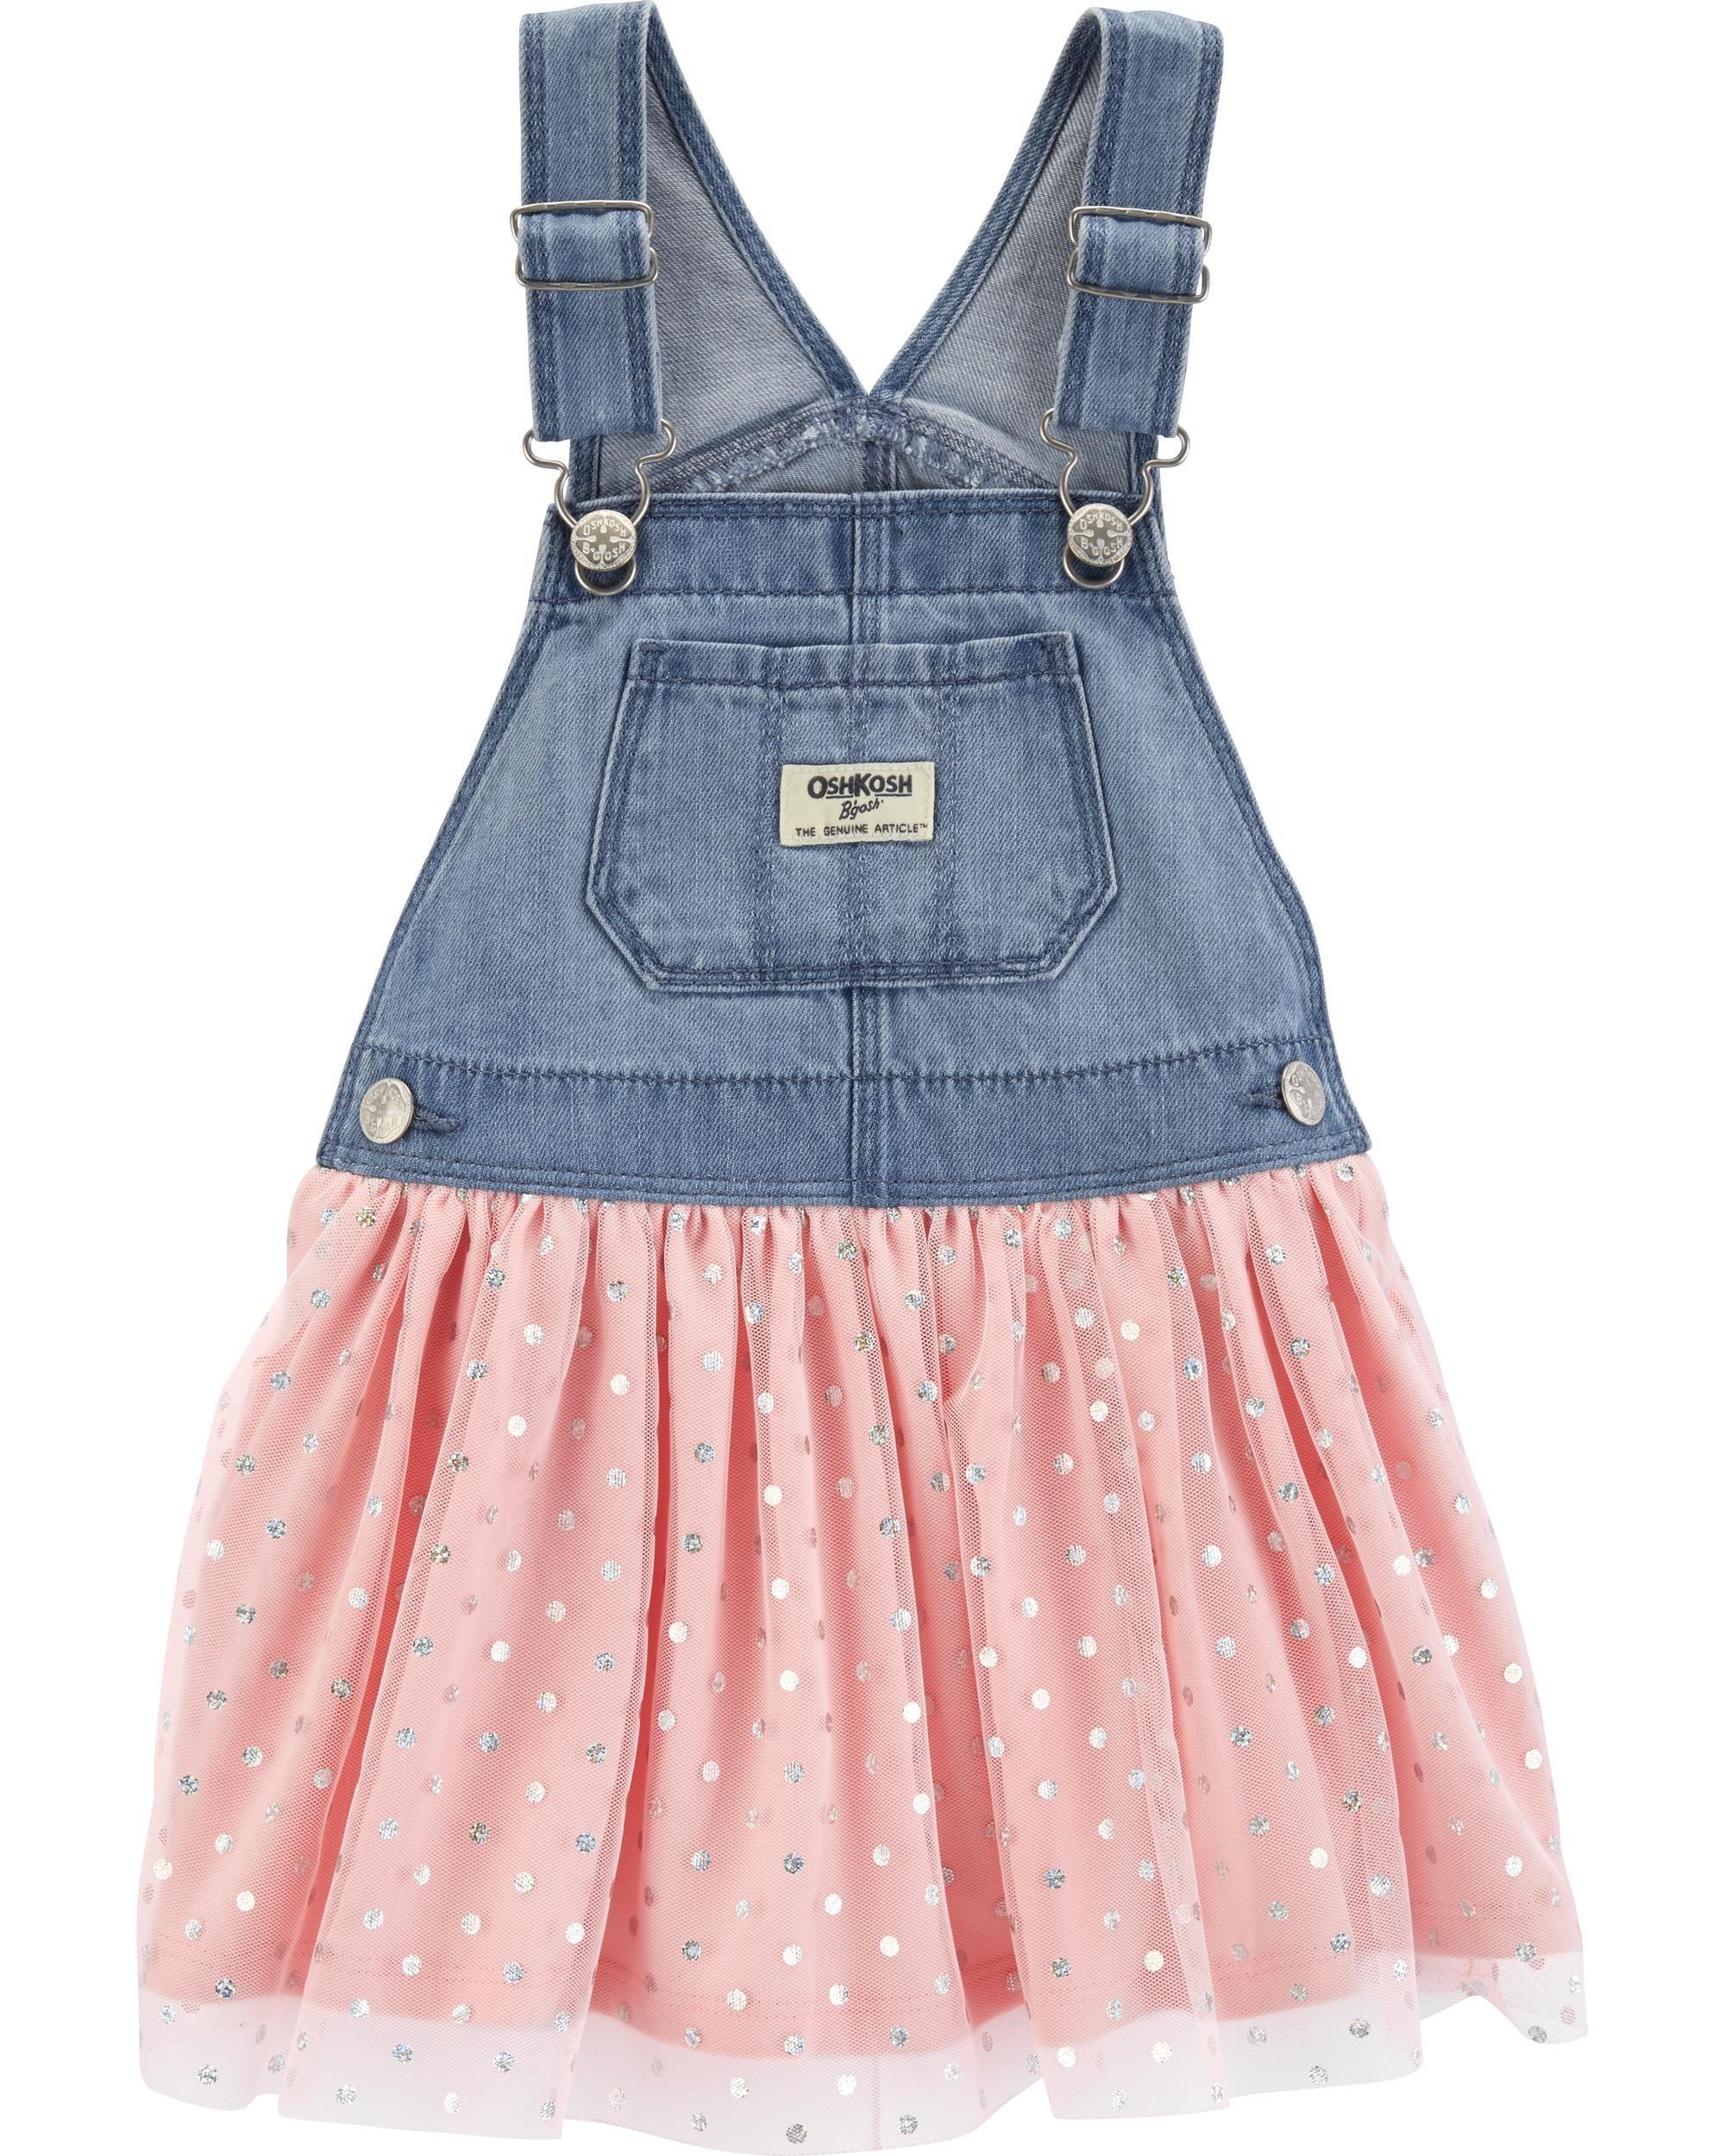 2c39299557b Toddler Girl Polka Dot Tulle Jumper